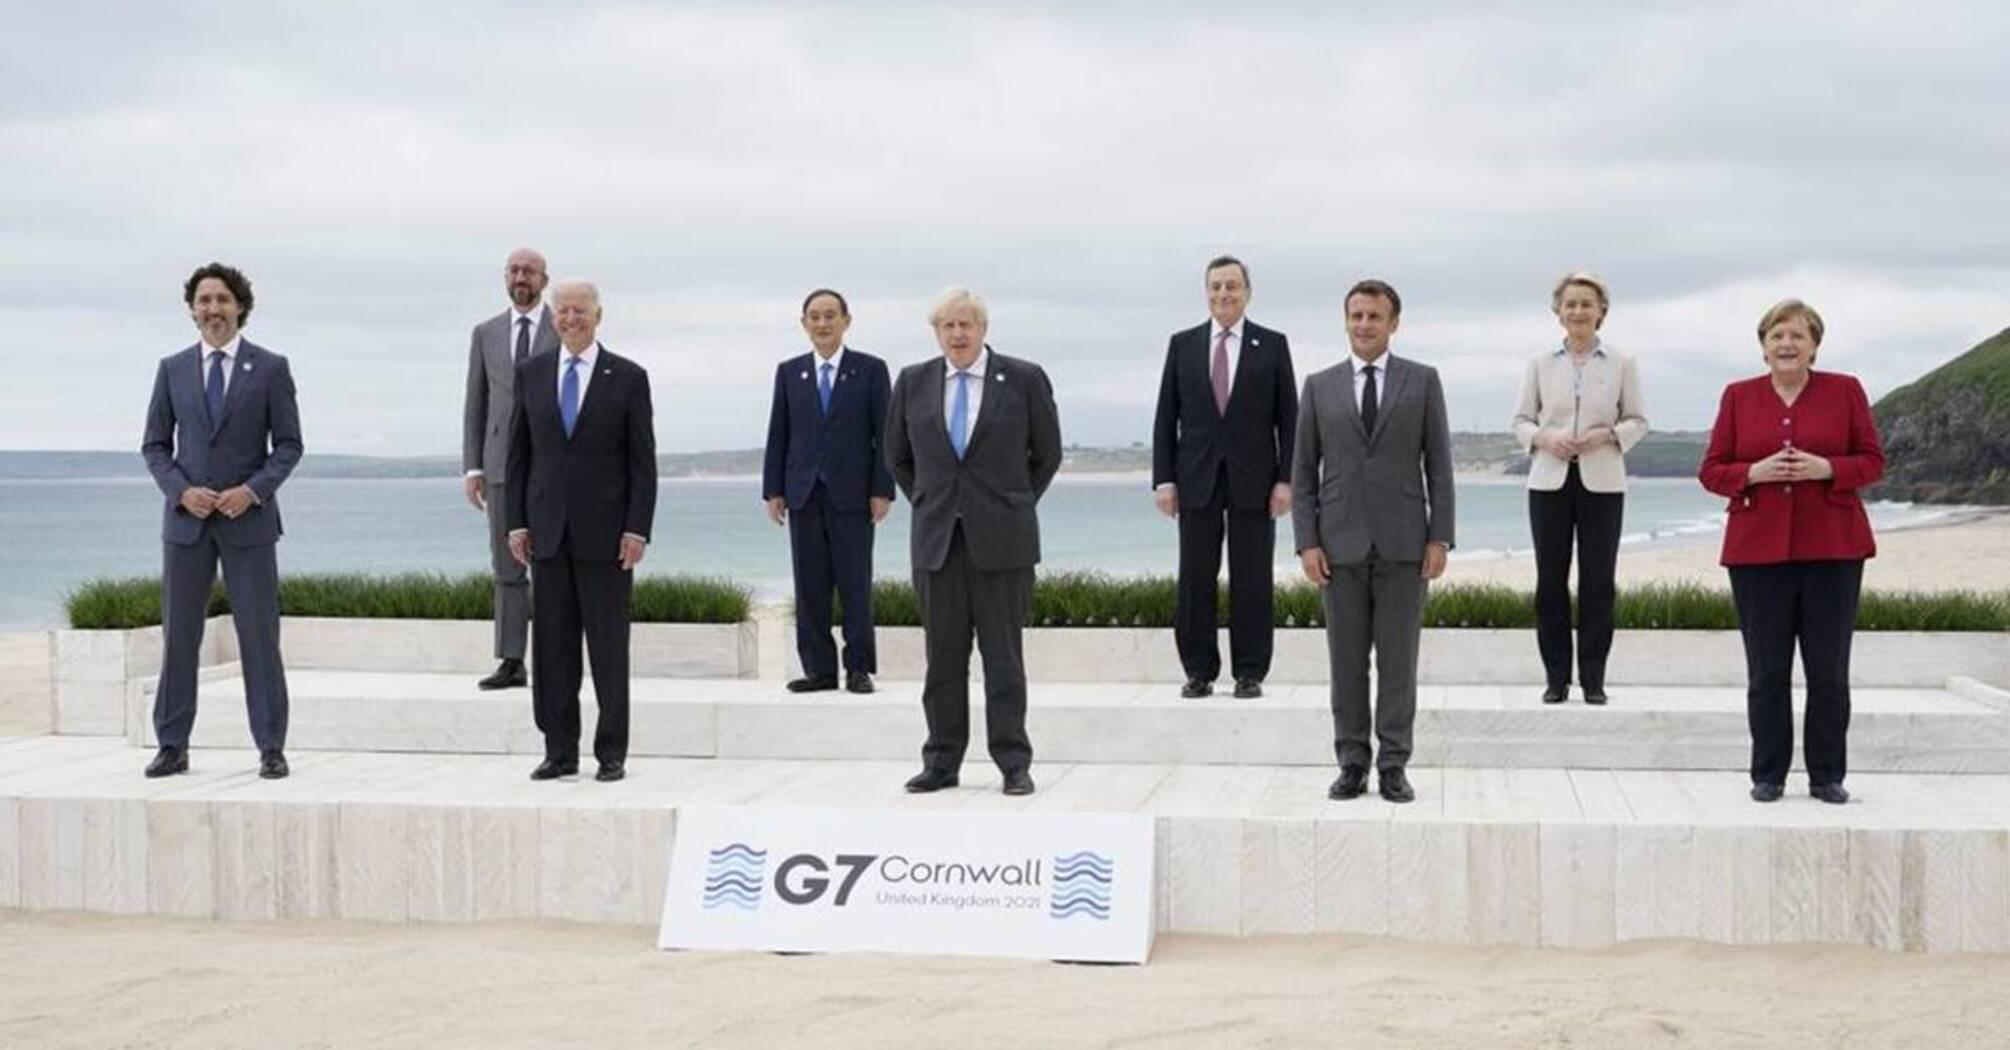 Лидеры G7 призвали Путина вывести войска из Крыма и с Донбасса – что это означает для Украины